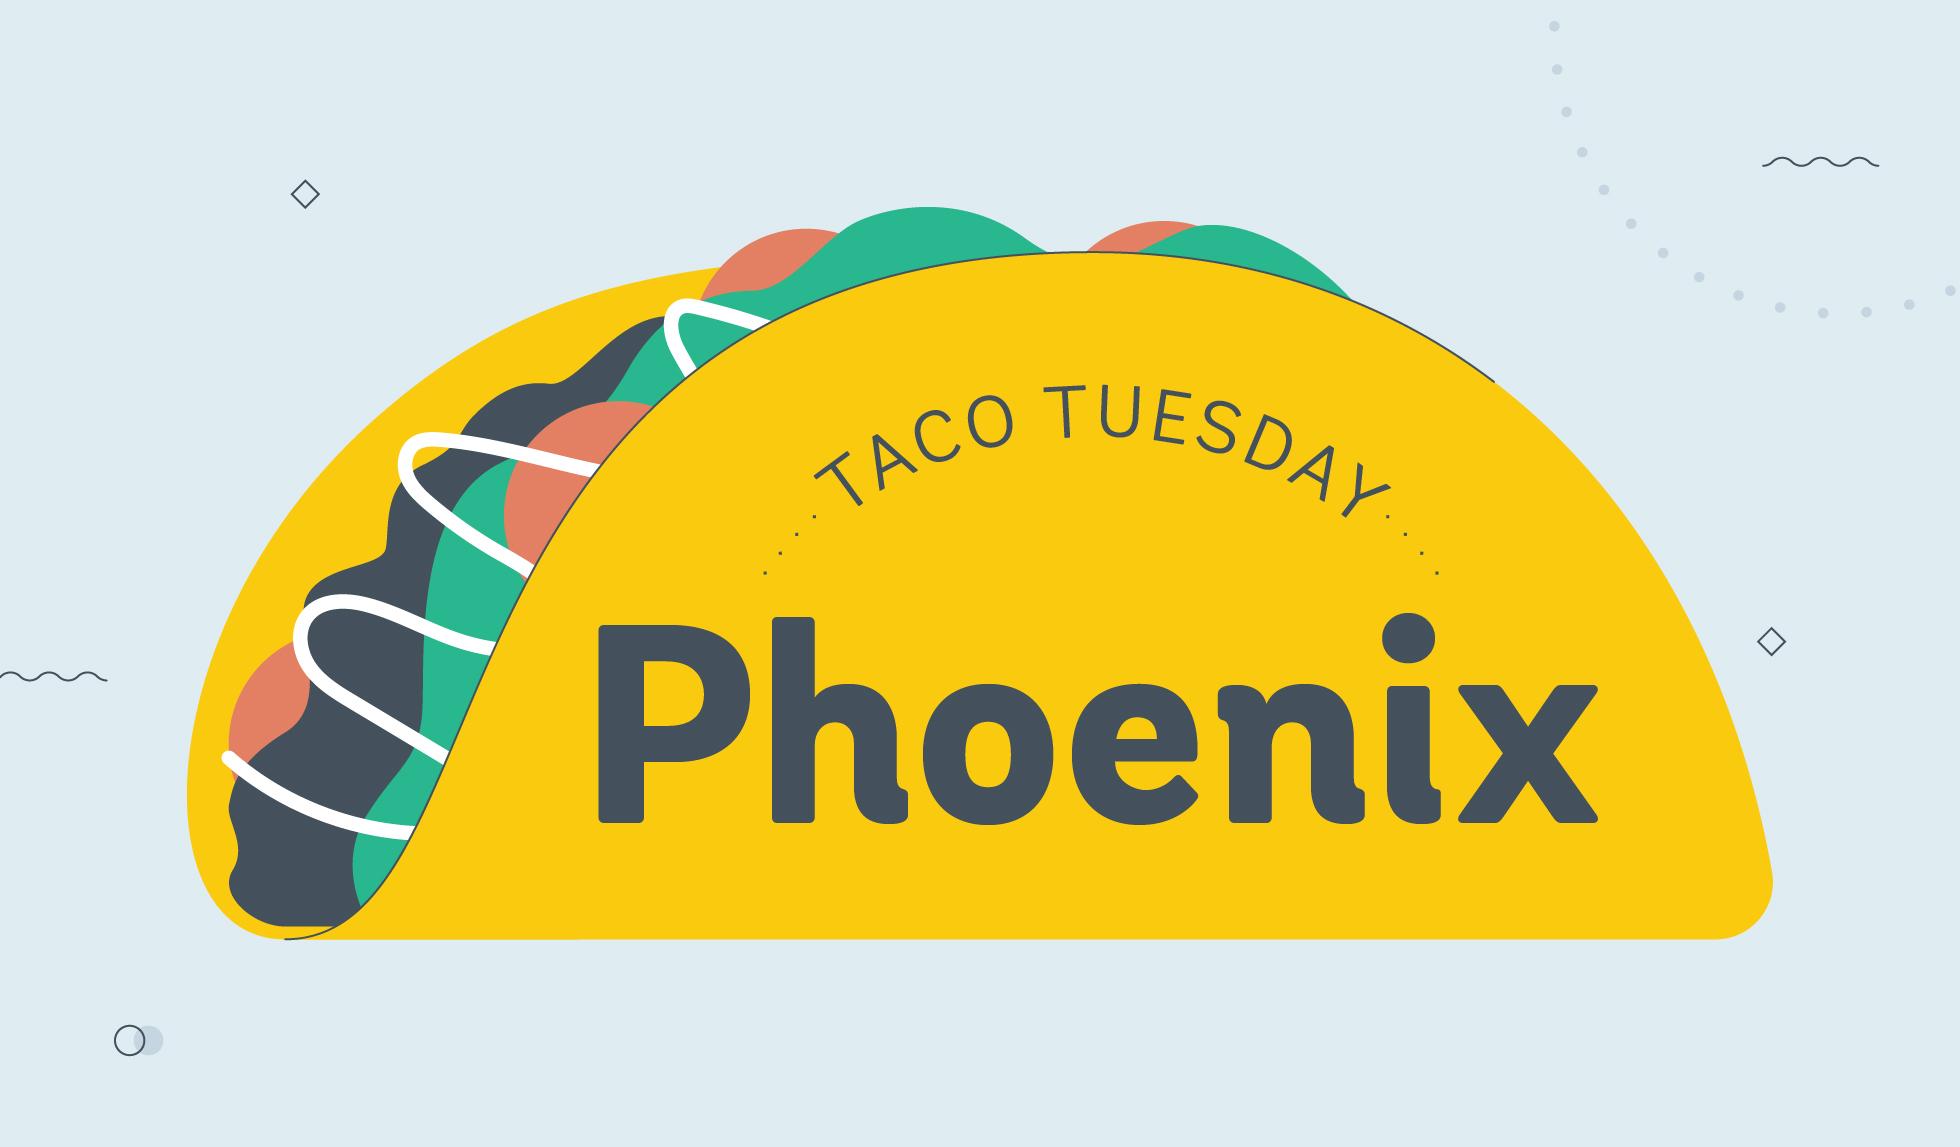 taco tuesday phoenix graphic